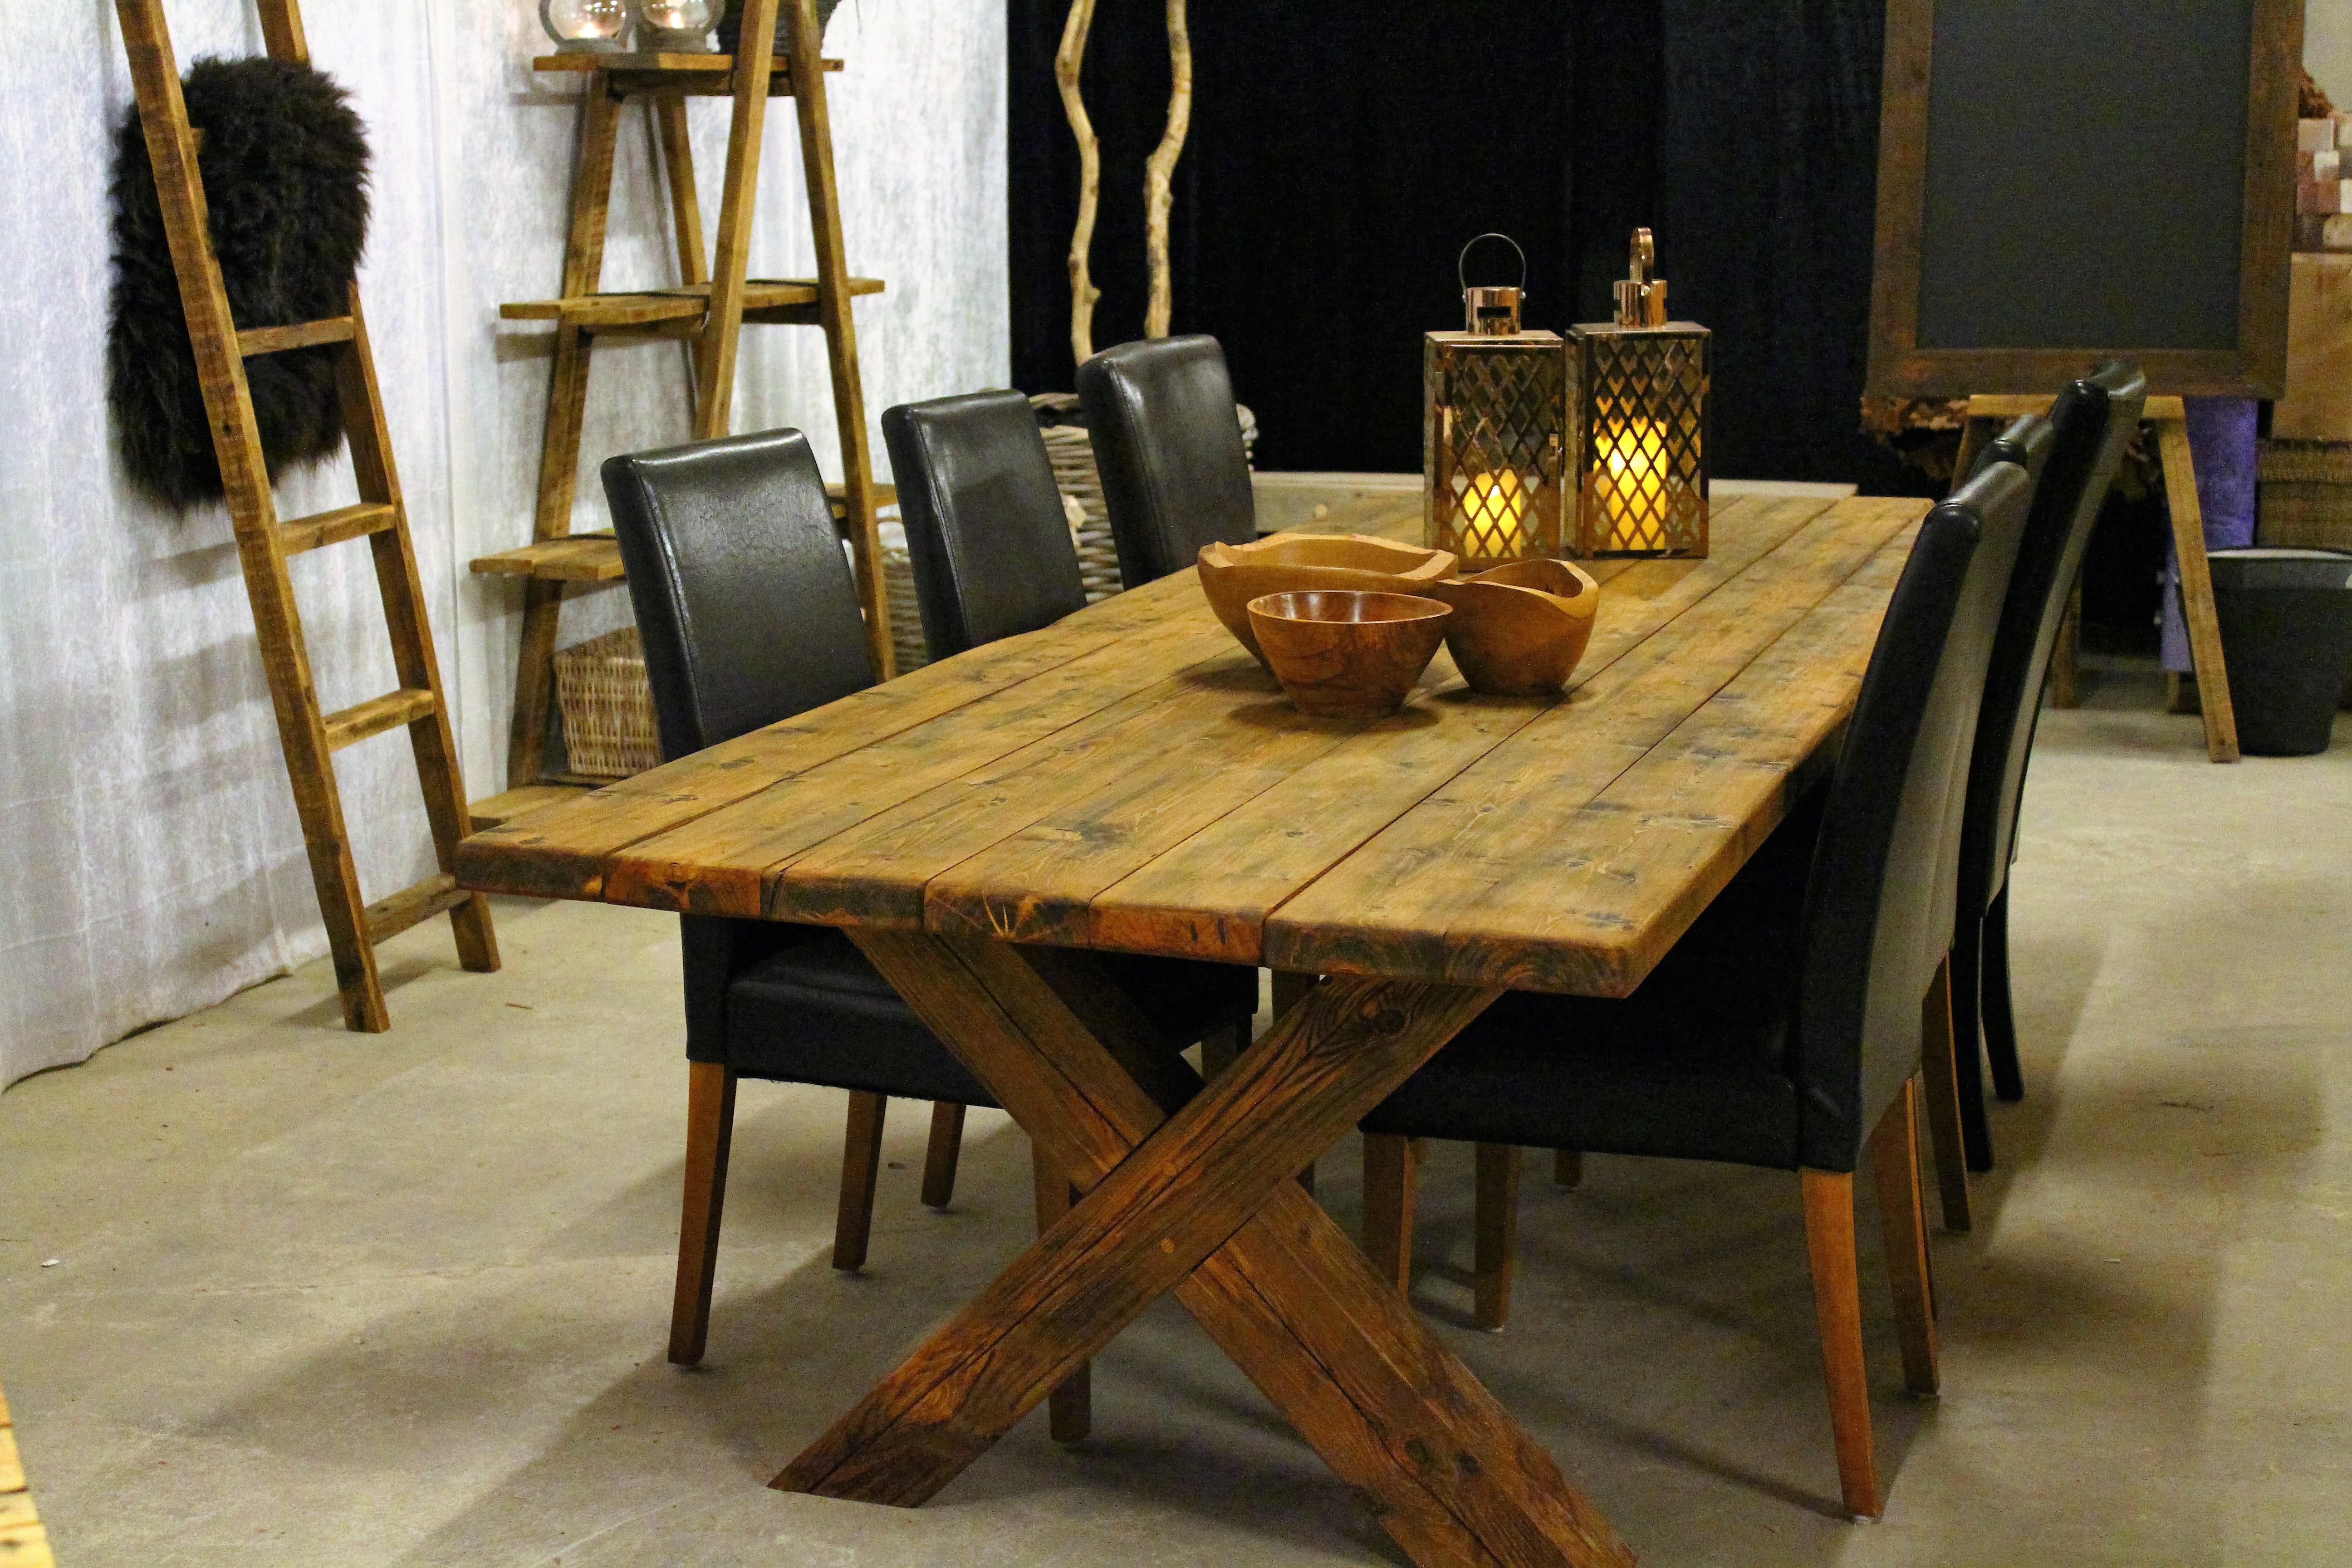 Uvanlig Spise bord 295x102cm | BH-37